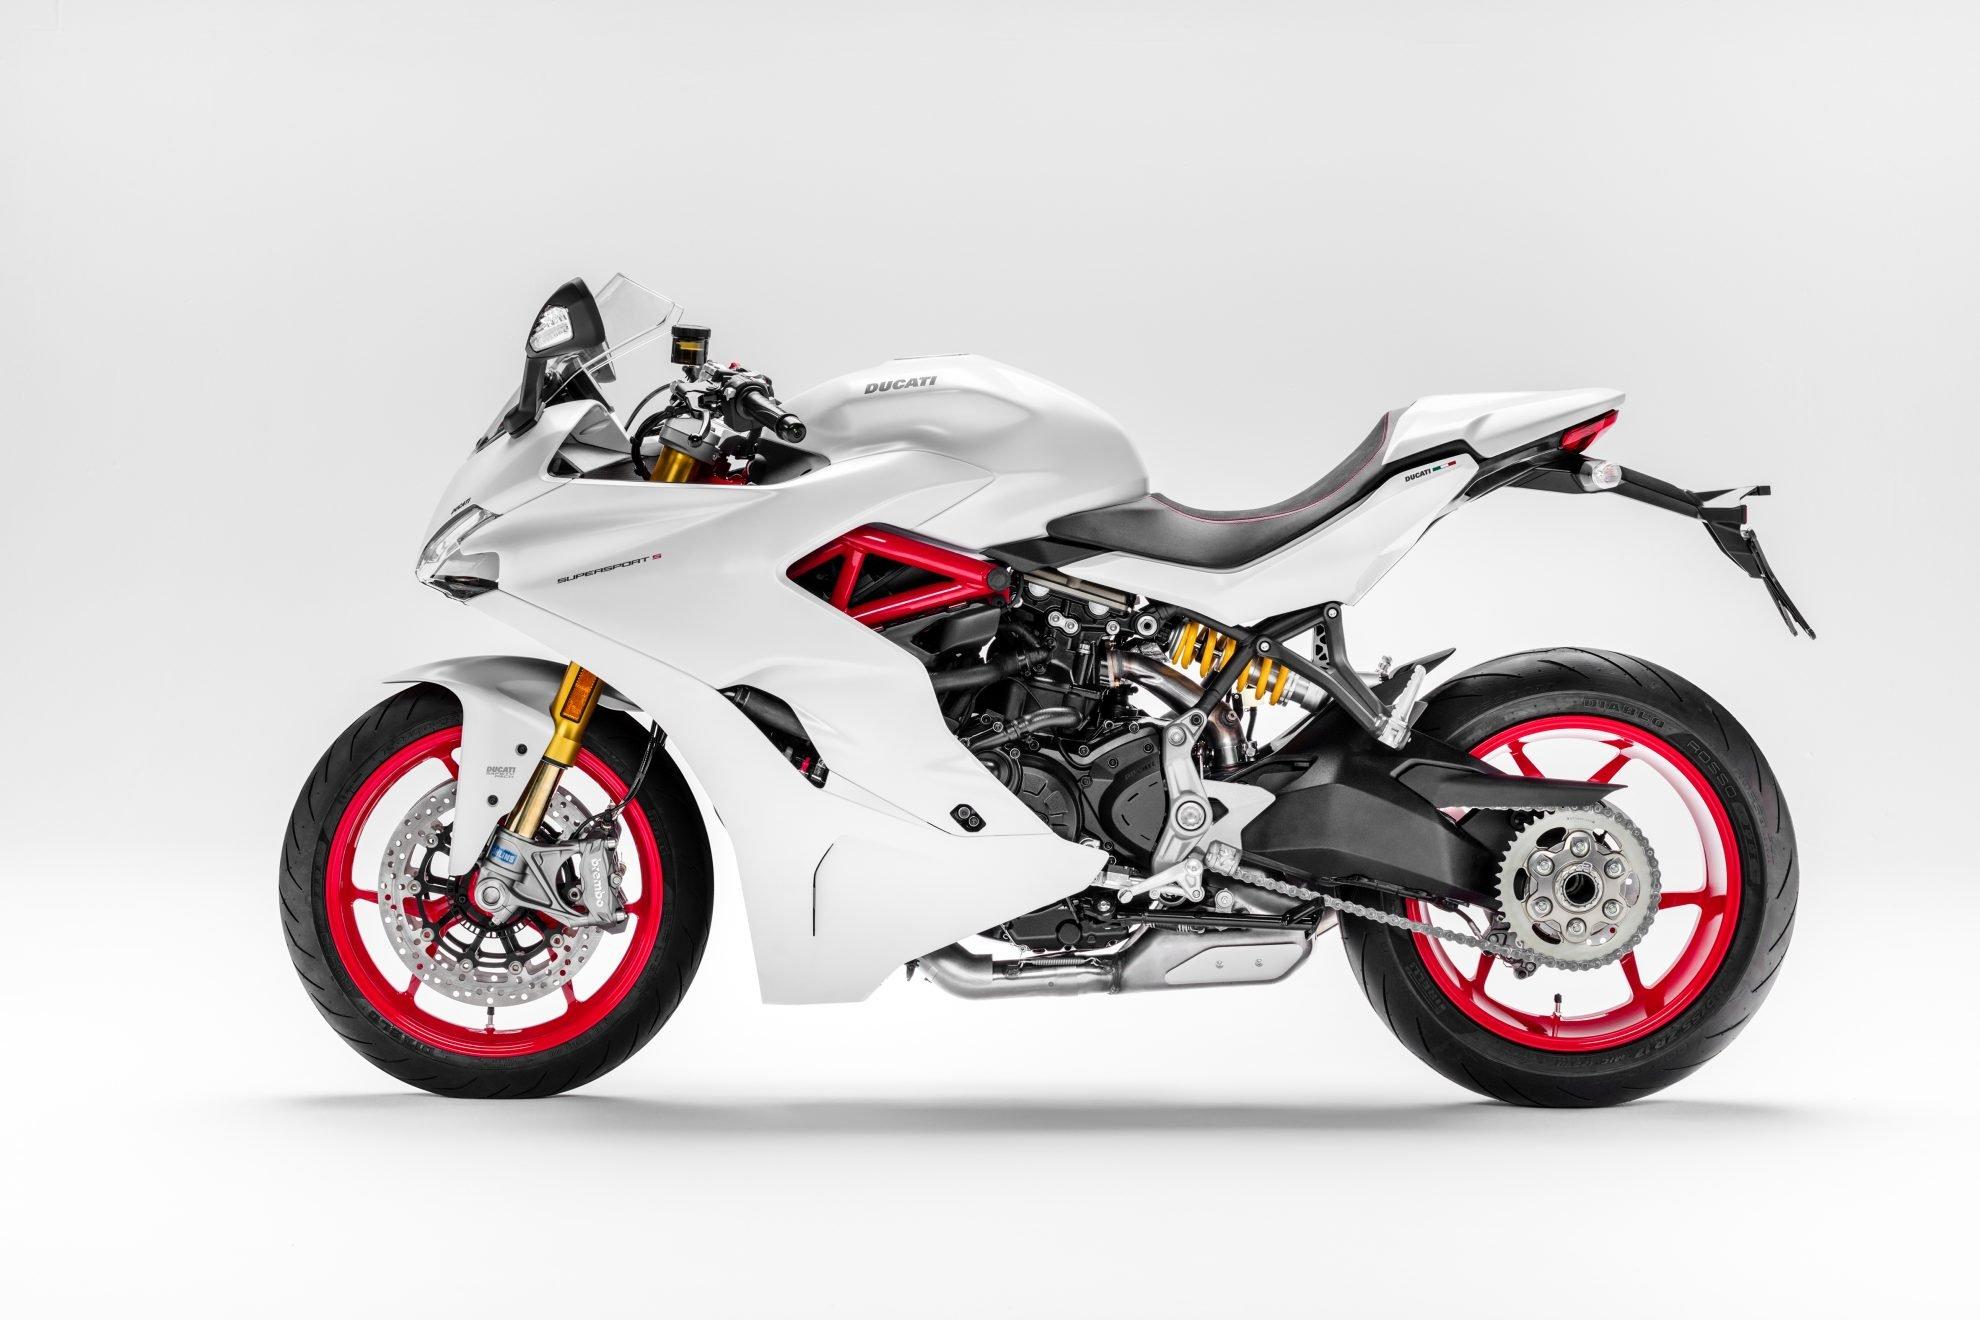 New Aprilia Bike 2016 Hd Wallpapers: 2017 Ducati SuperSport First Look